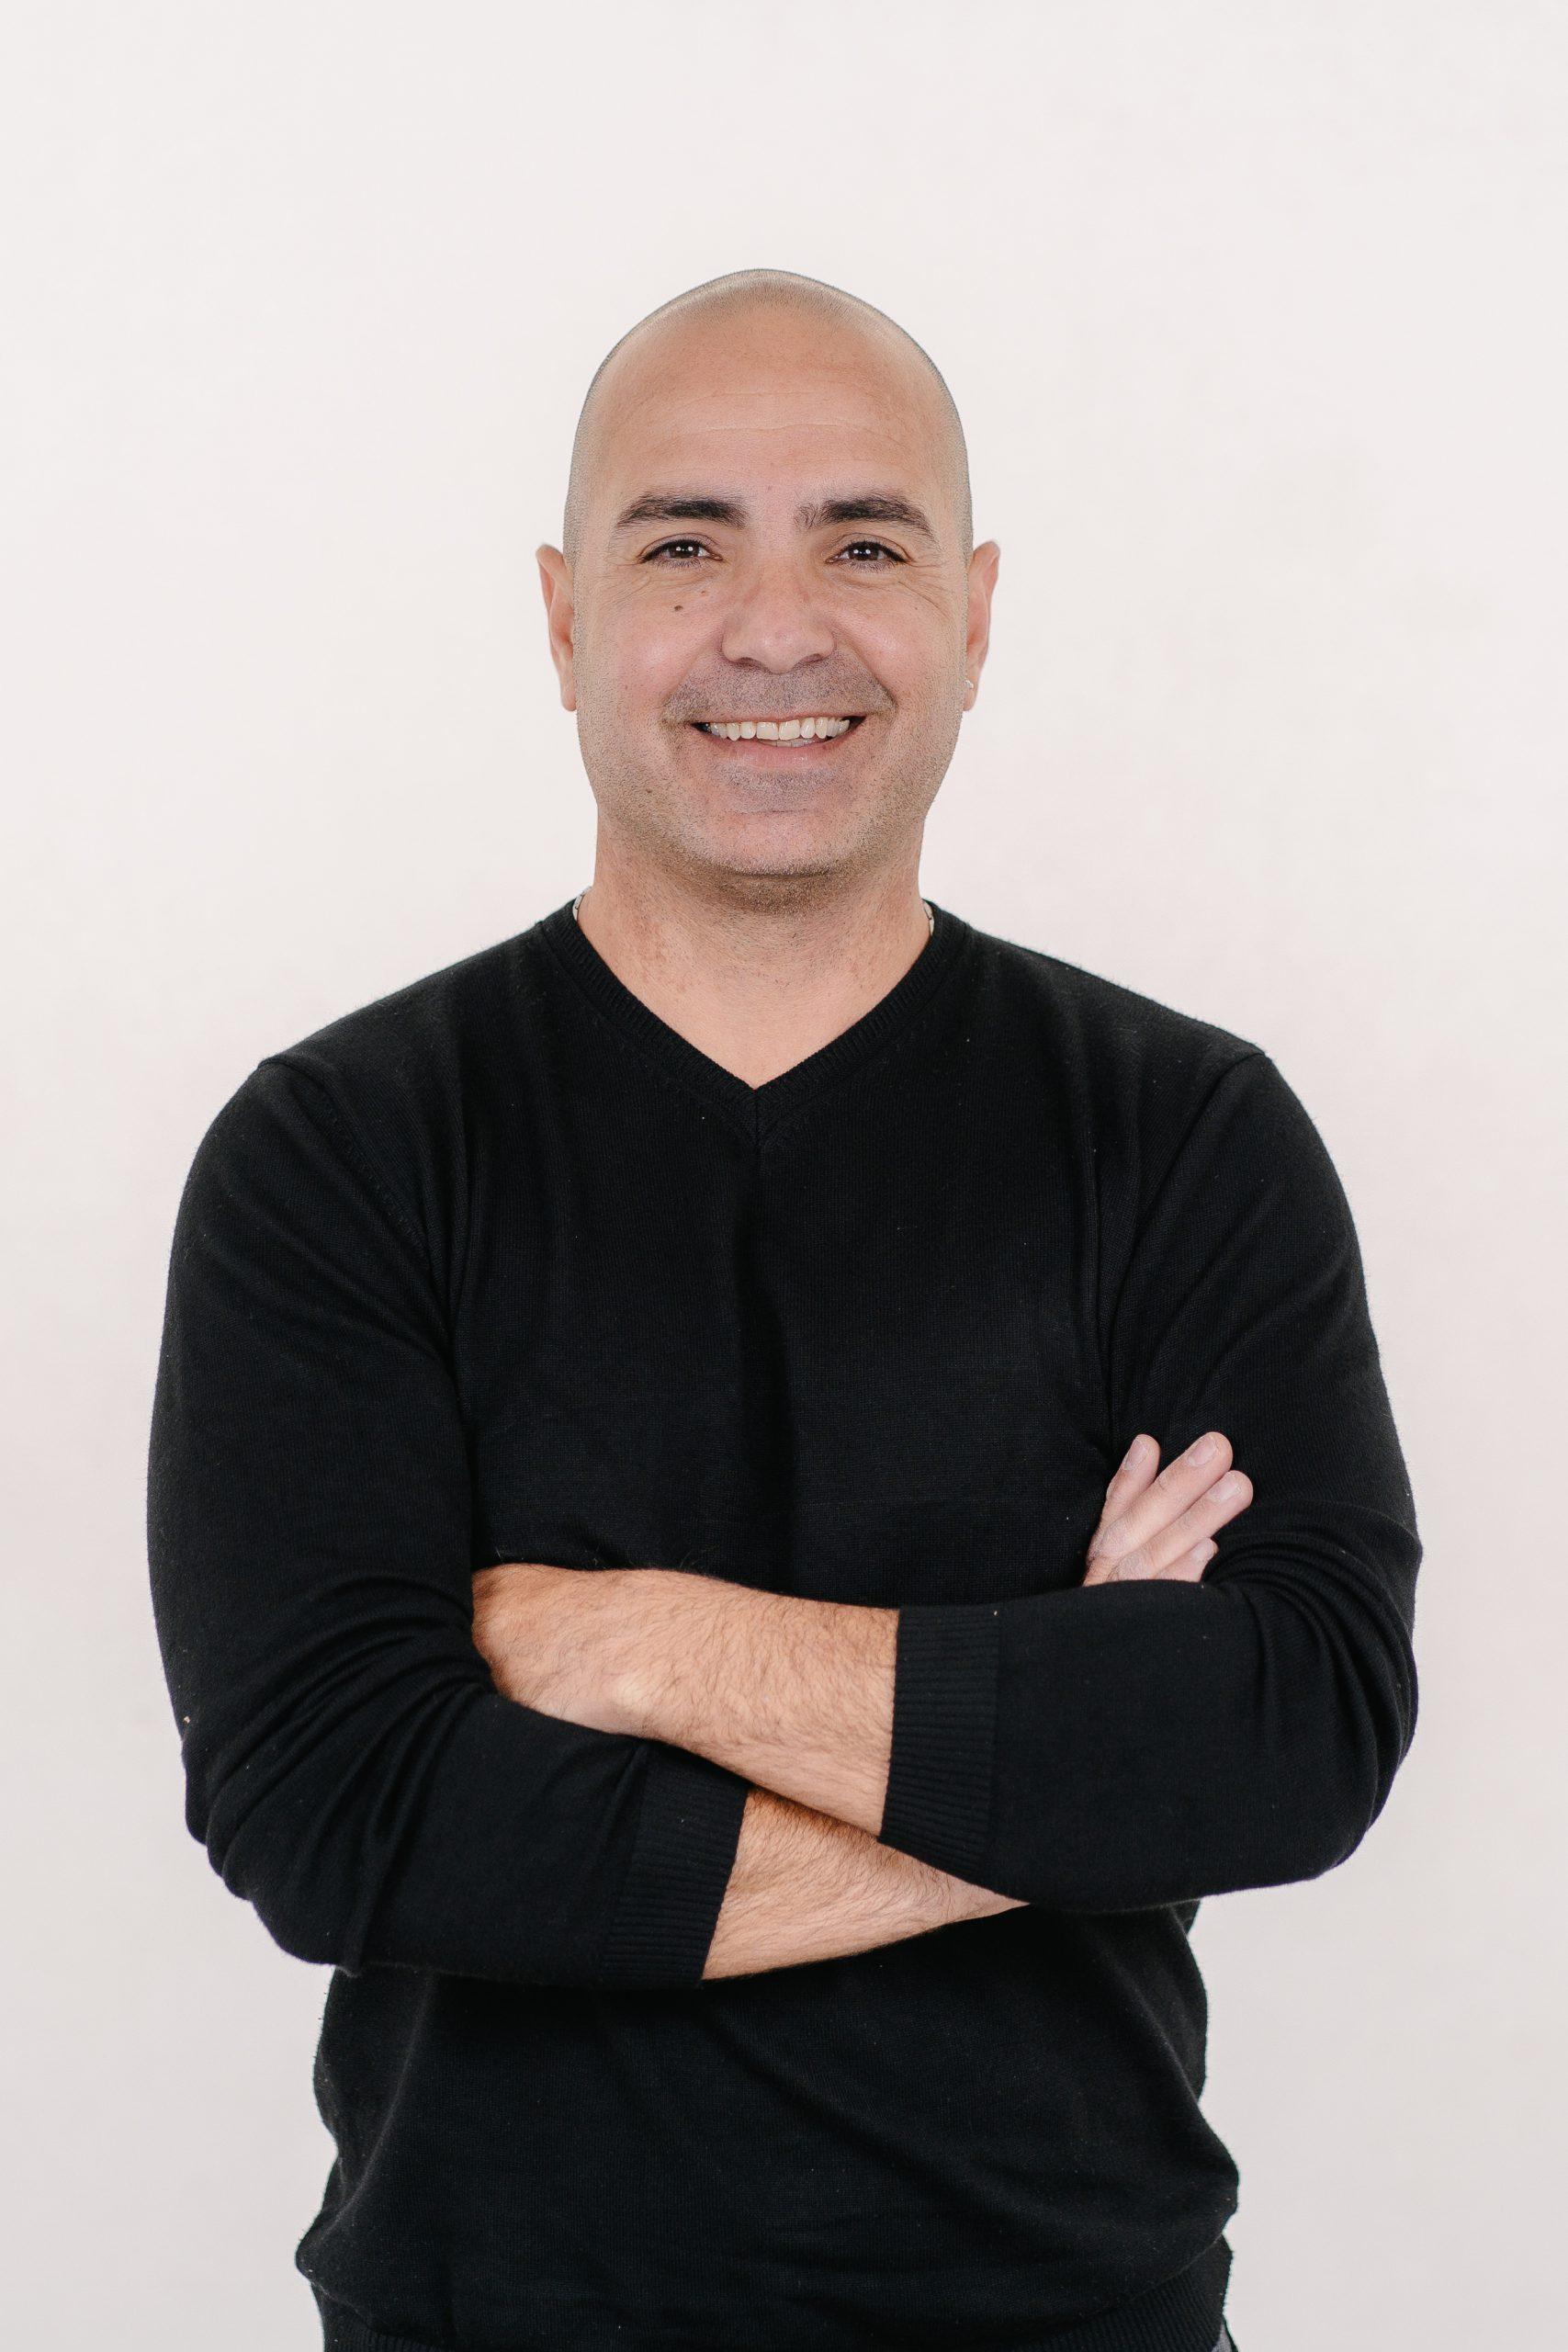 רוני אלמקייס - מנהל מכירות